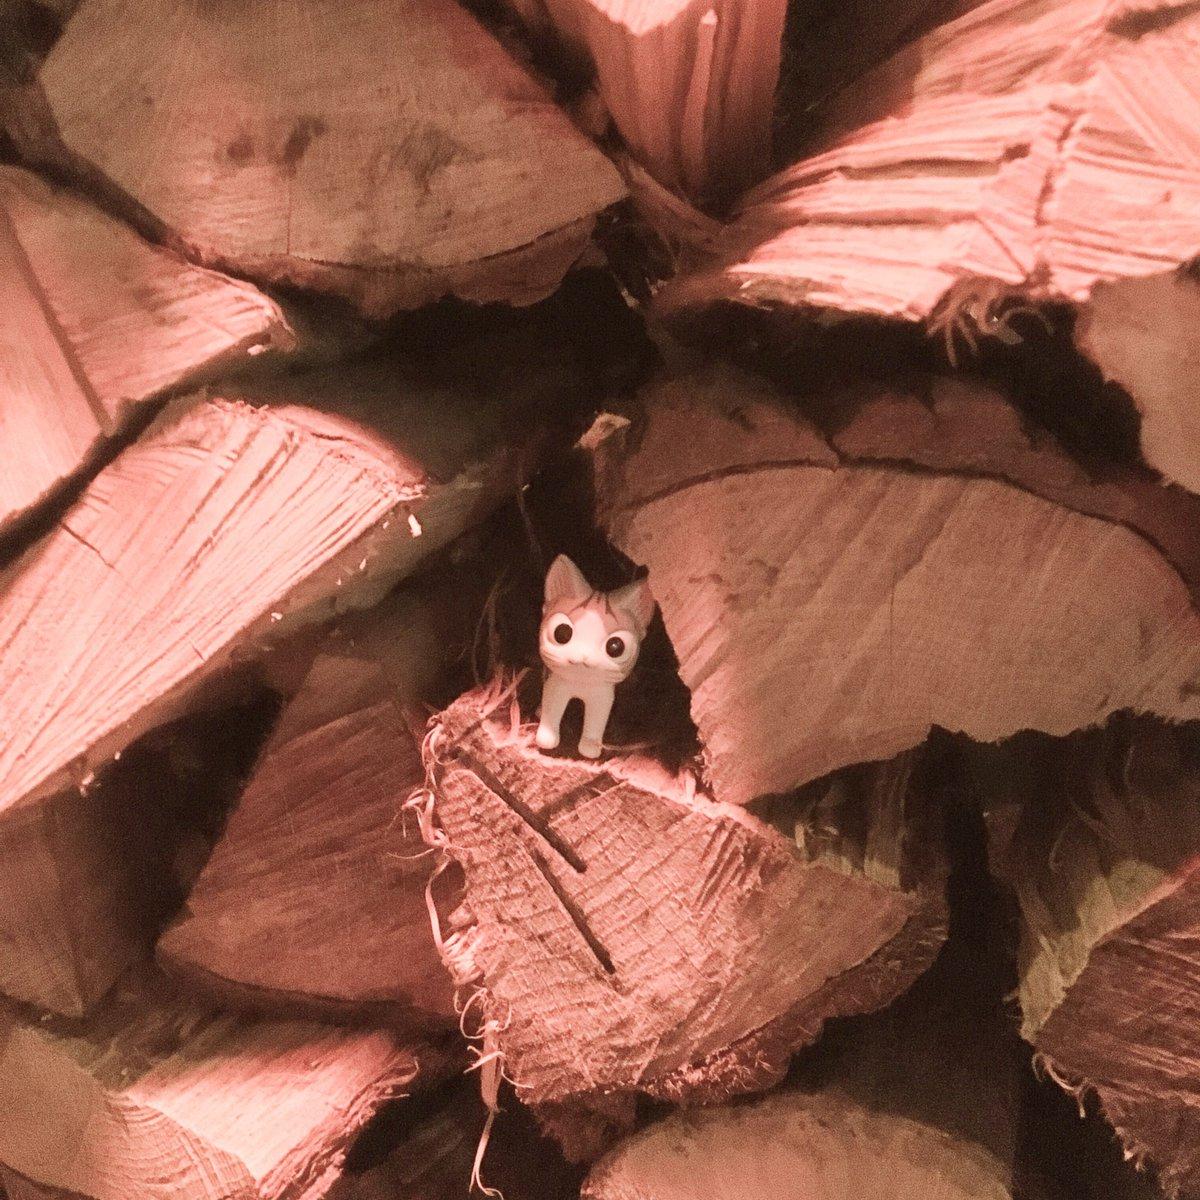 一面のかつおぶしかと思ったら、ぜんぶ木らったんらー! チー、しょっくれすー!#こねこのチー #チーズスイートホーム #チ